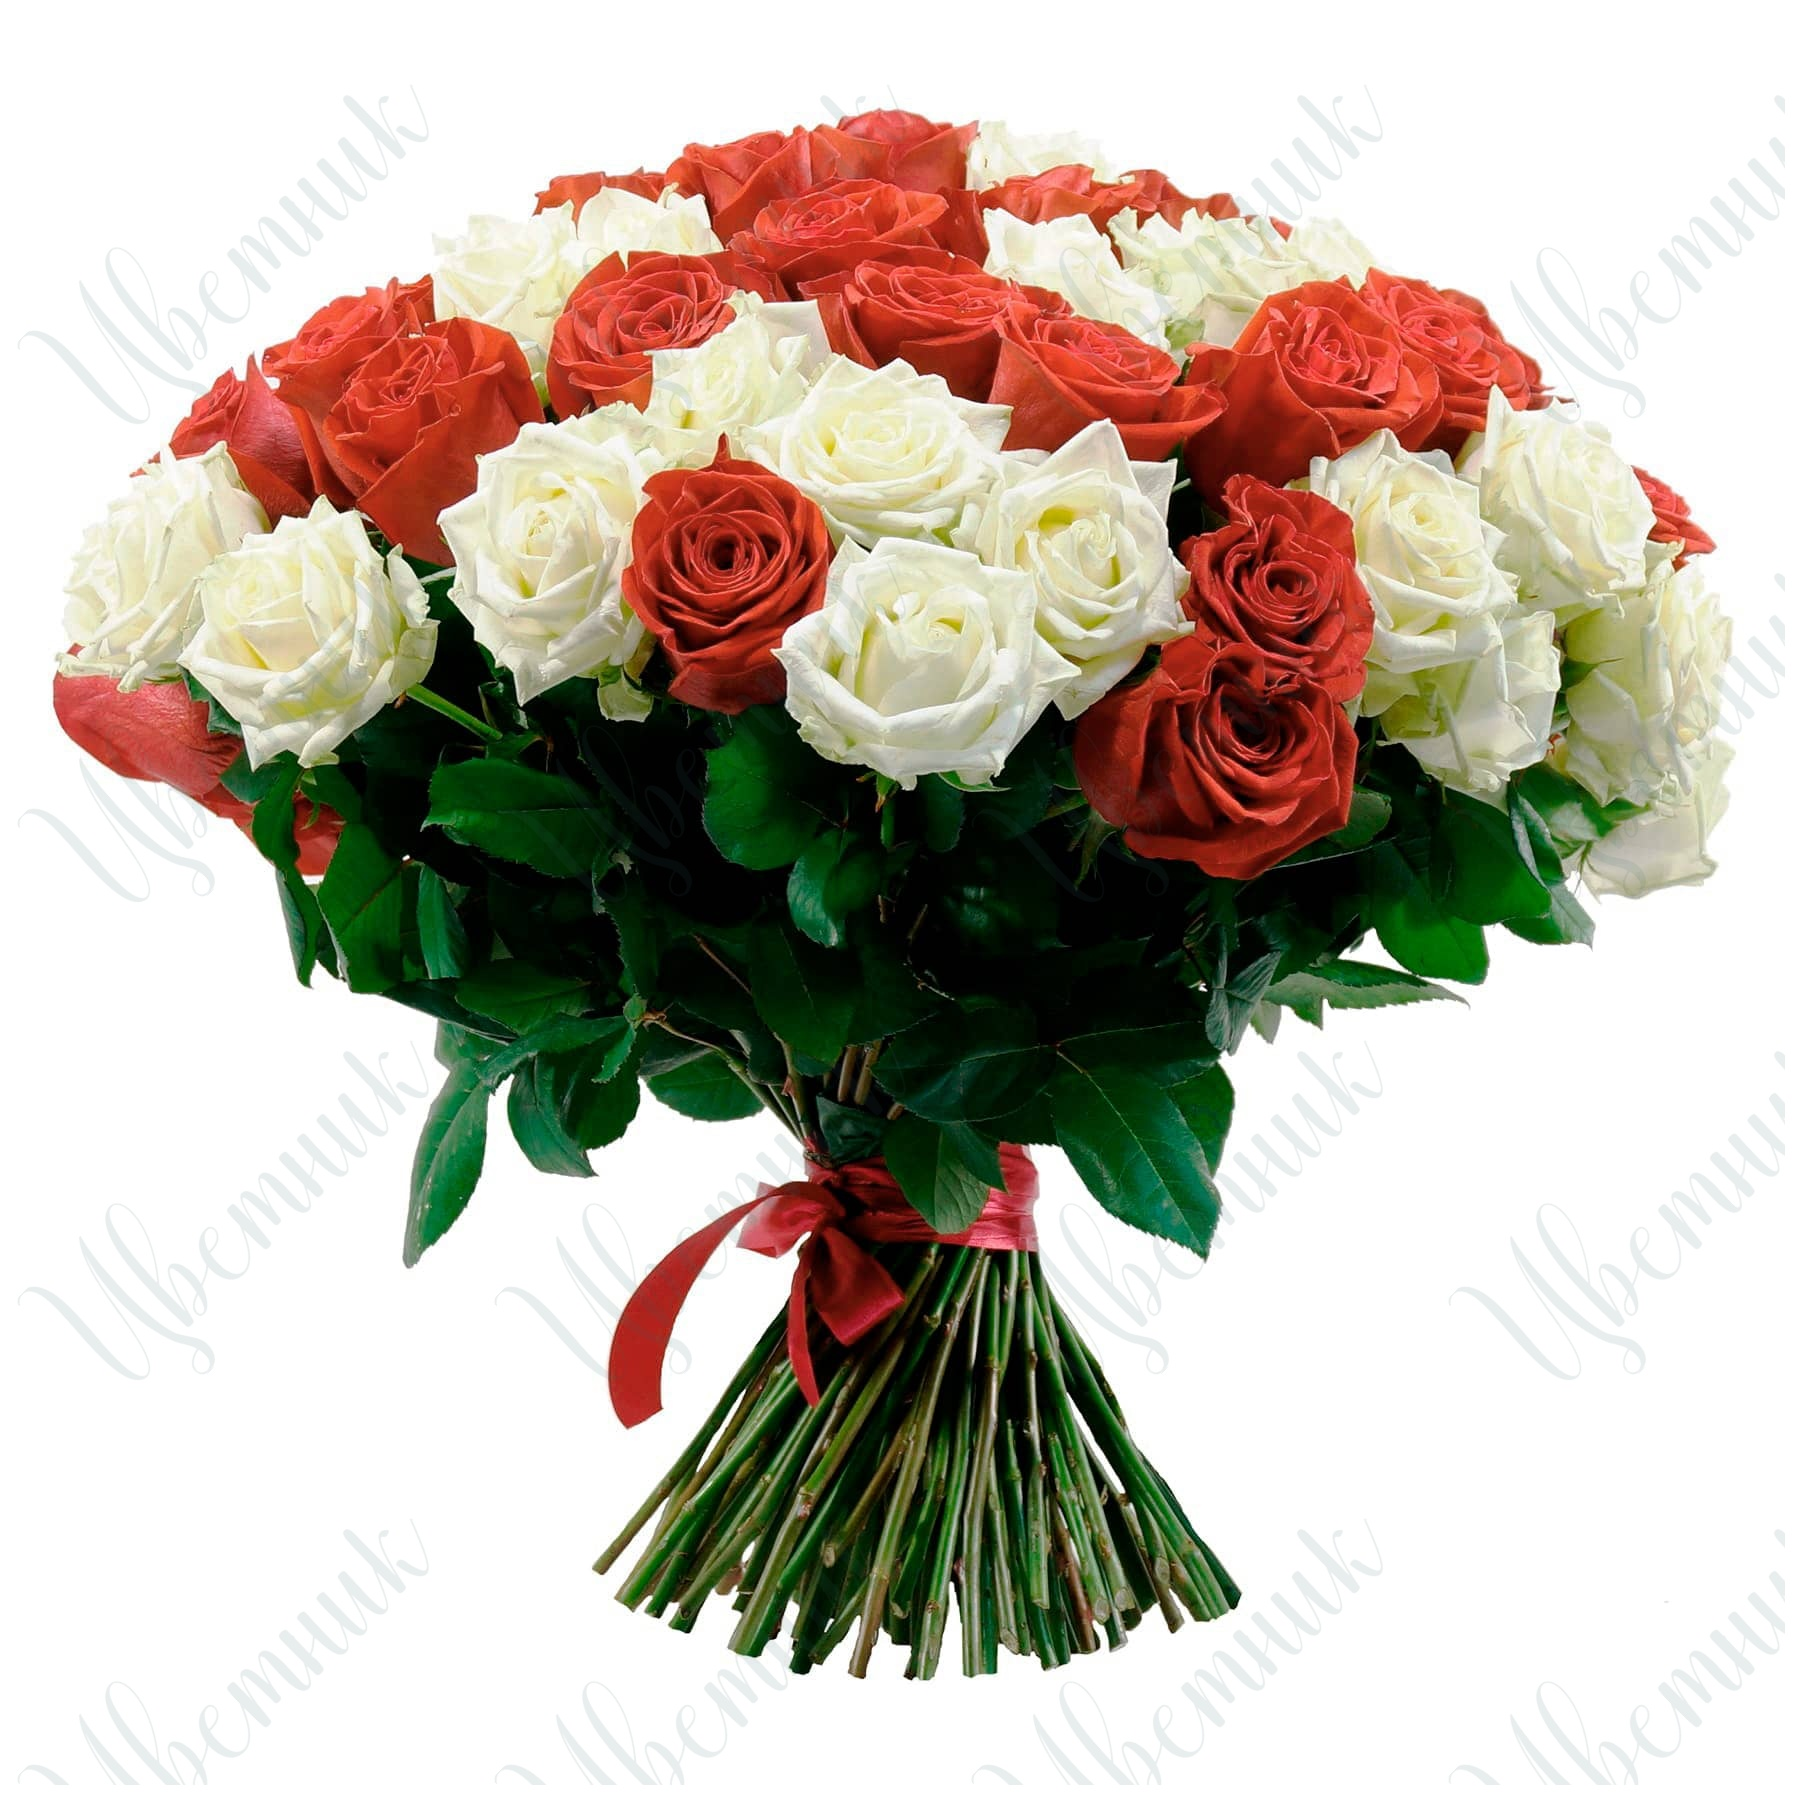 Букет из красных и белых роз, высотой 60 см